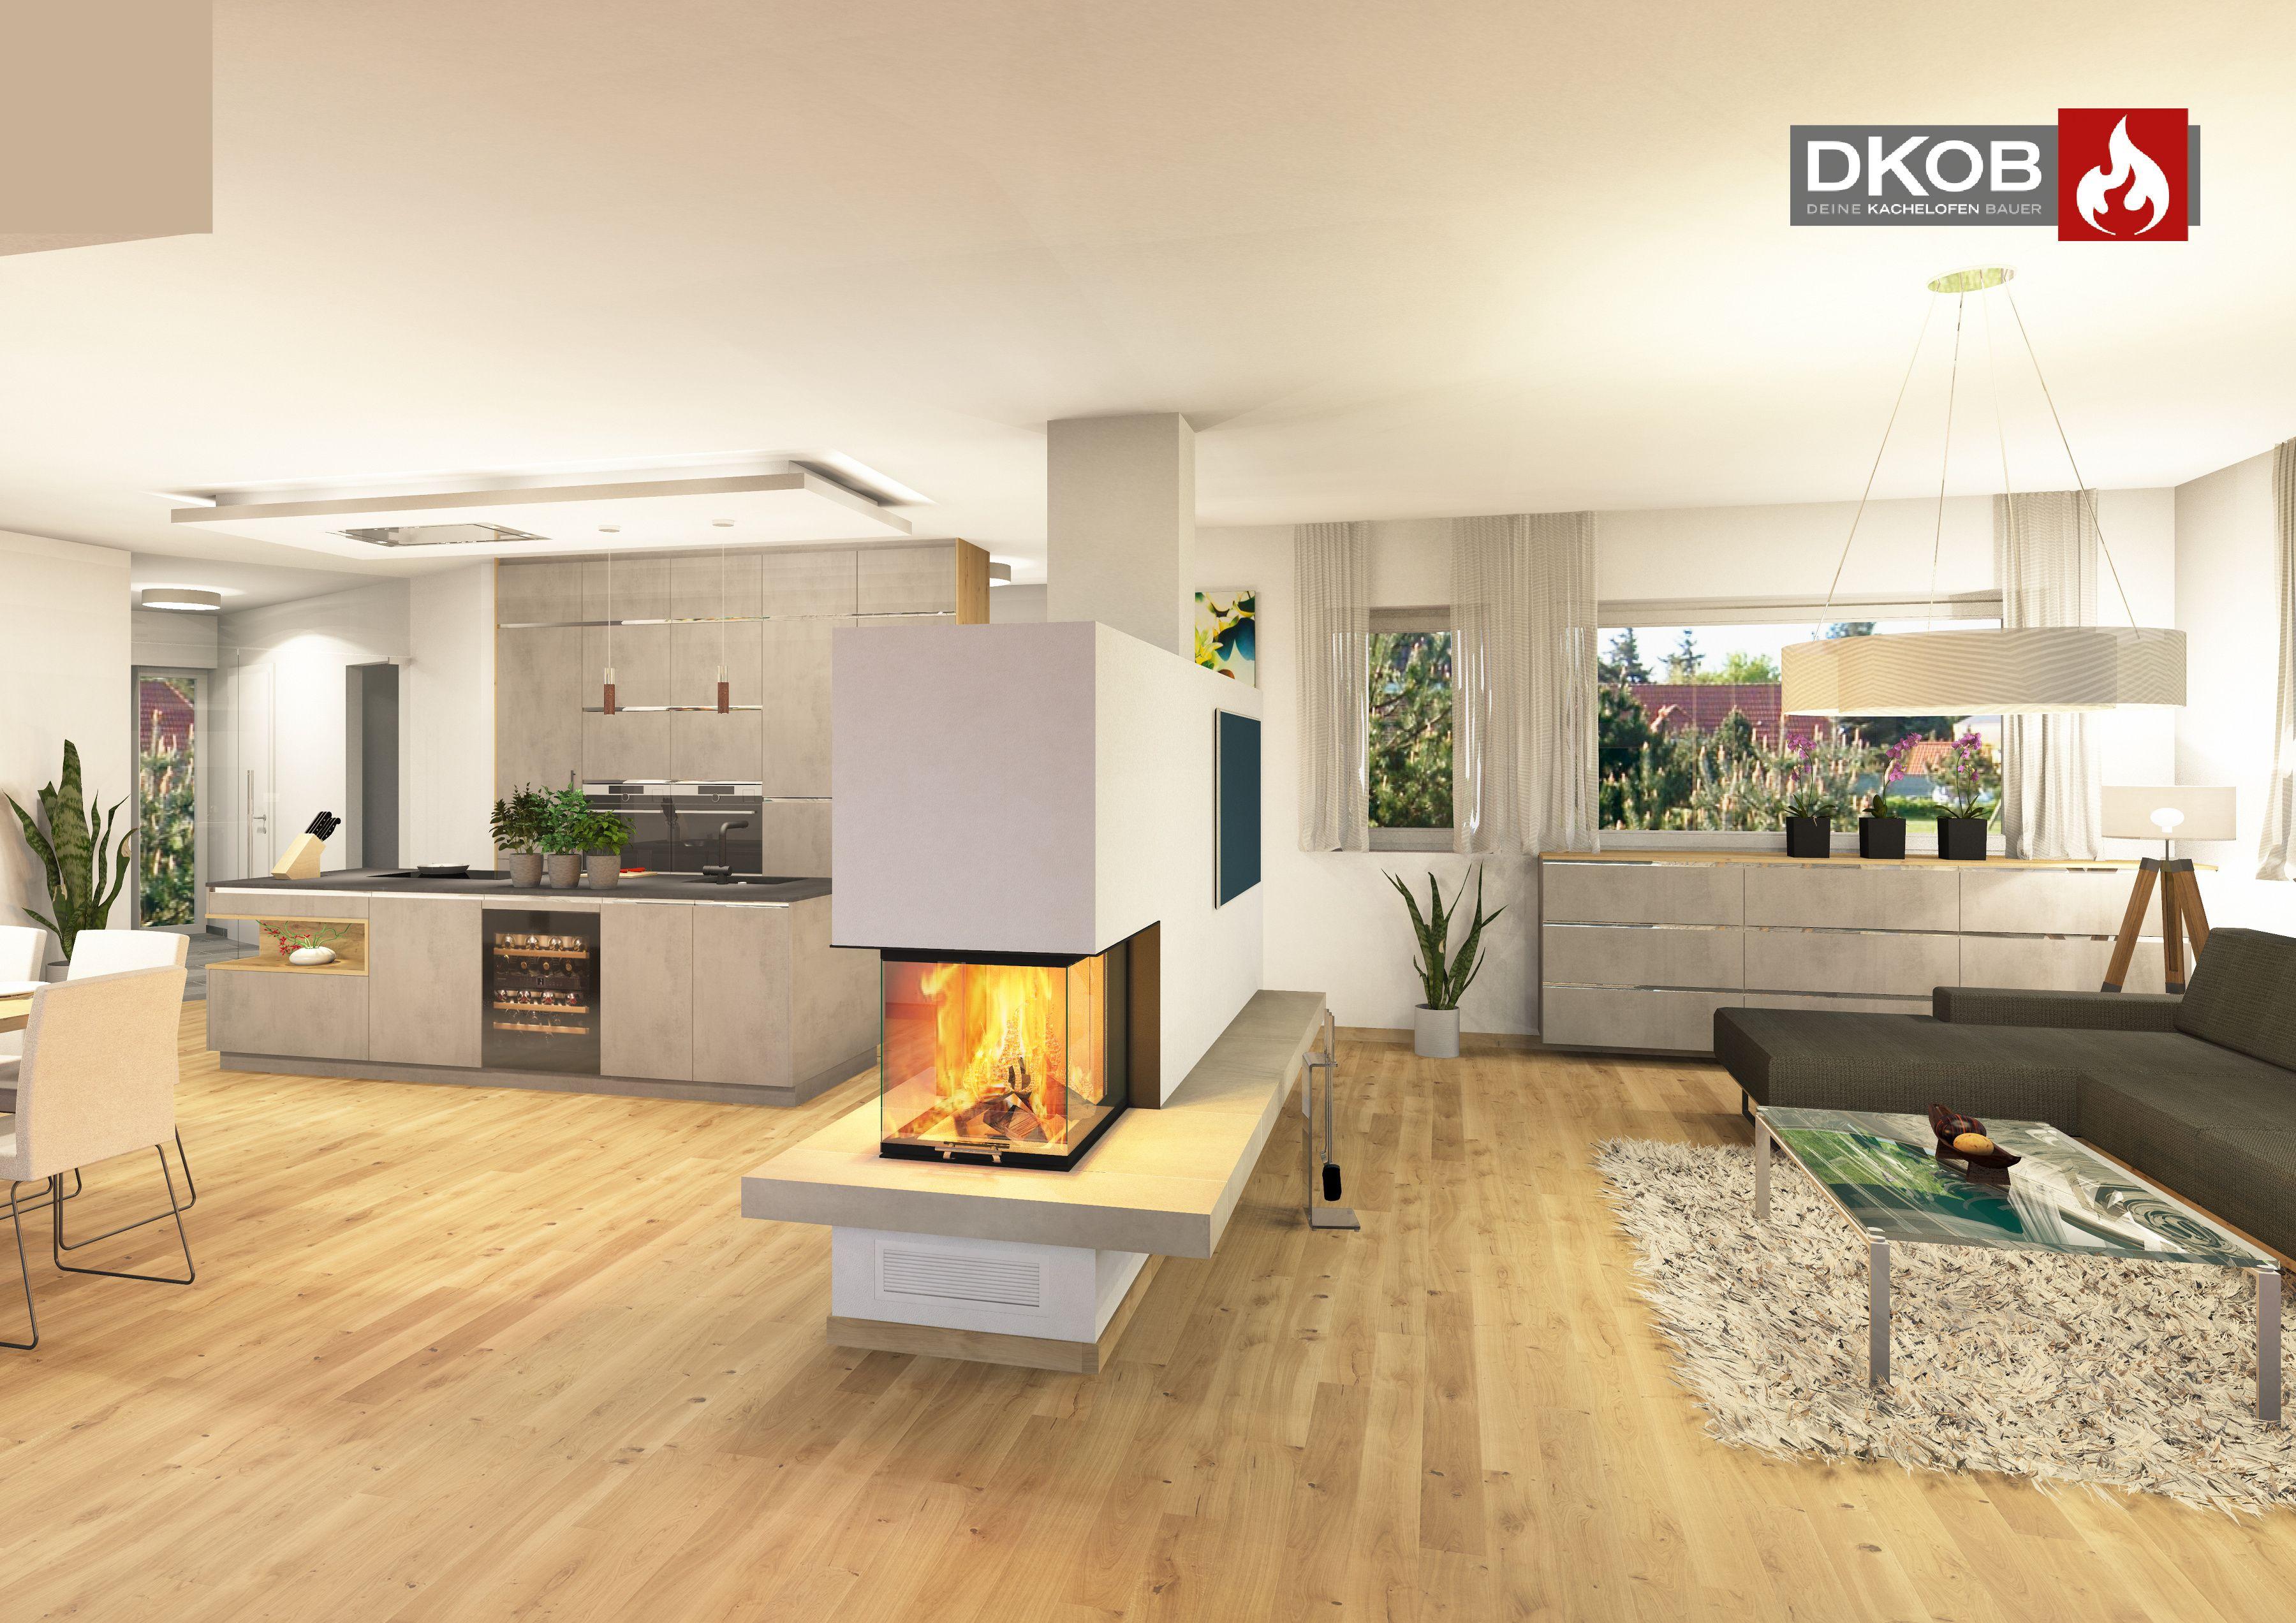 House DesignBild von Marquelia Partida in 2020 Haus